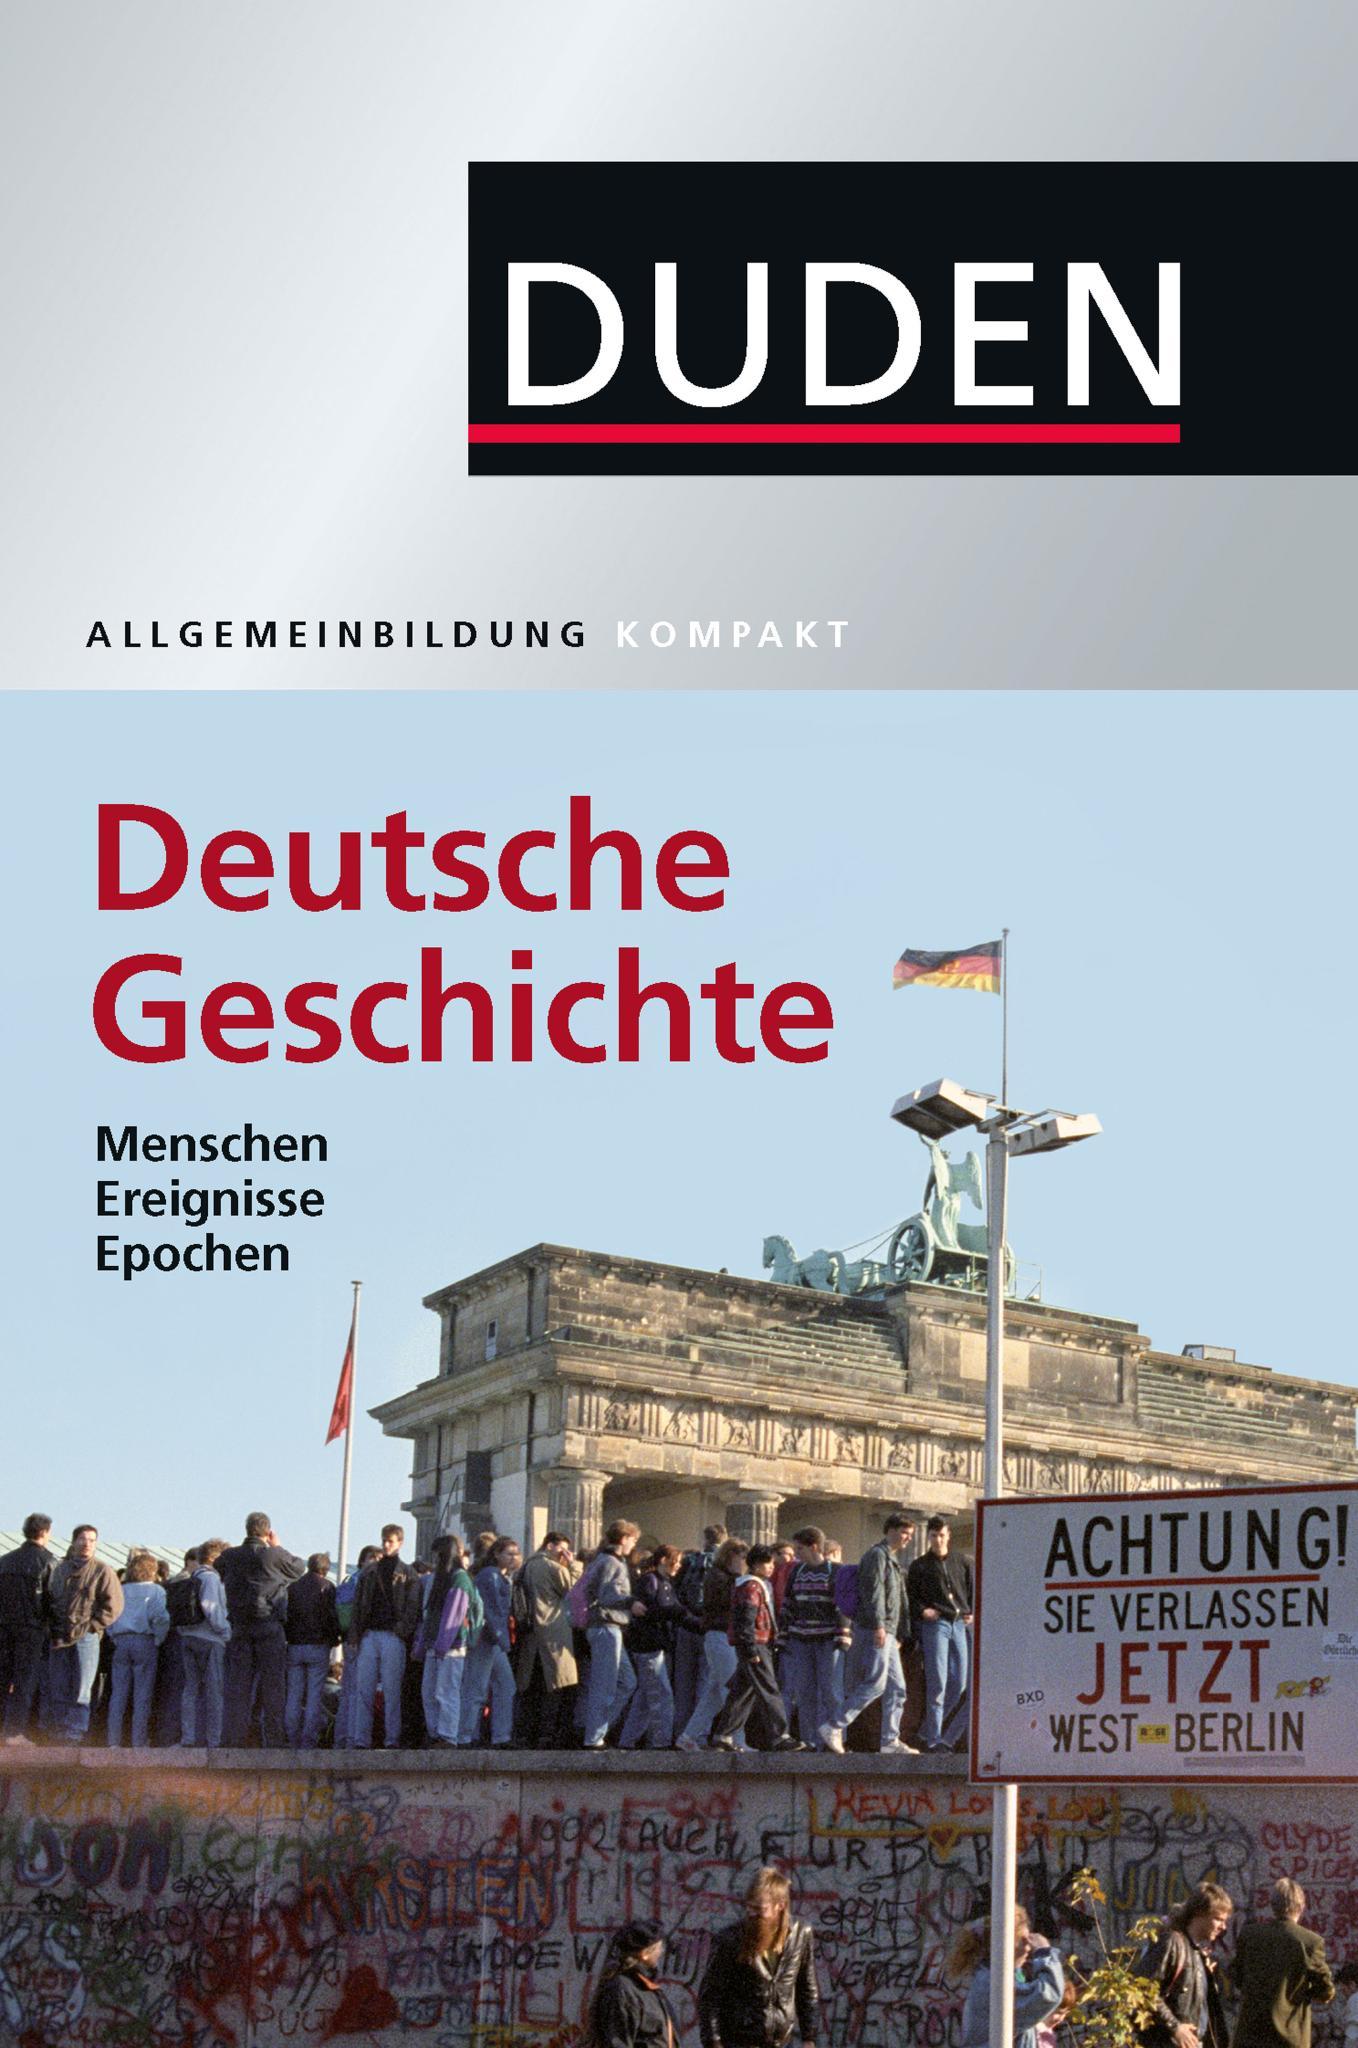 Duden Allgemeinbildung Deutsche Geschichte Menschen, Ereignisse, Epochen